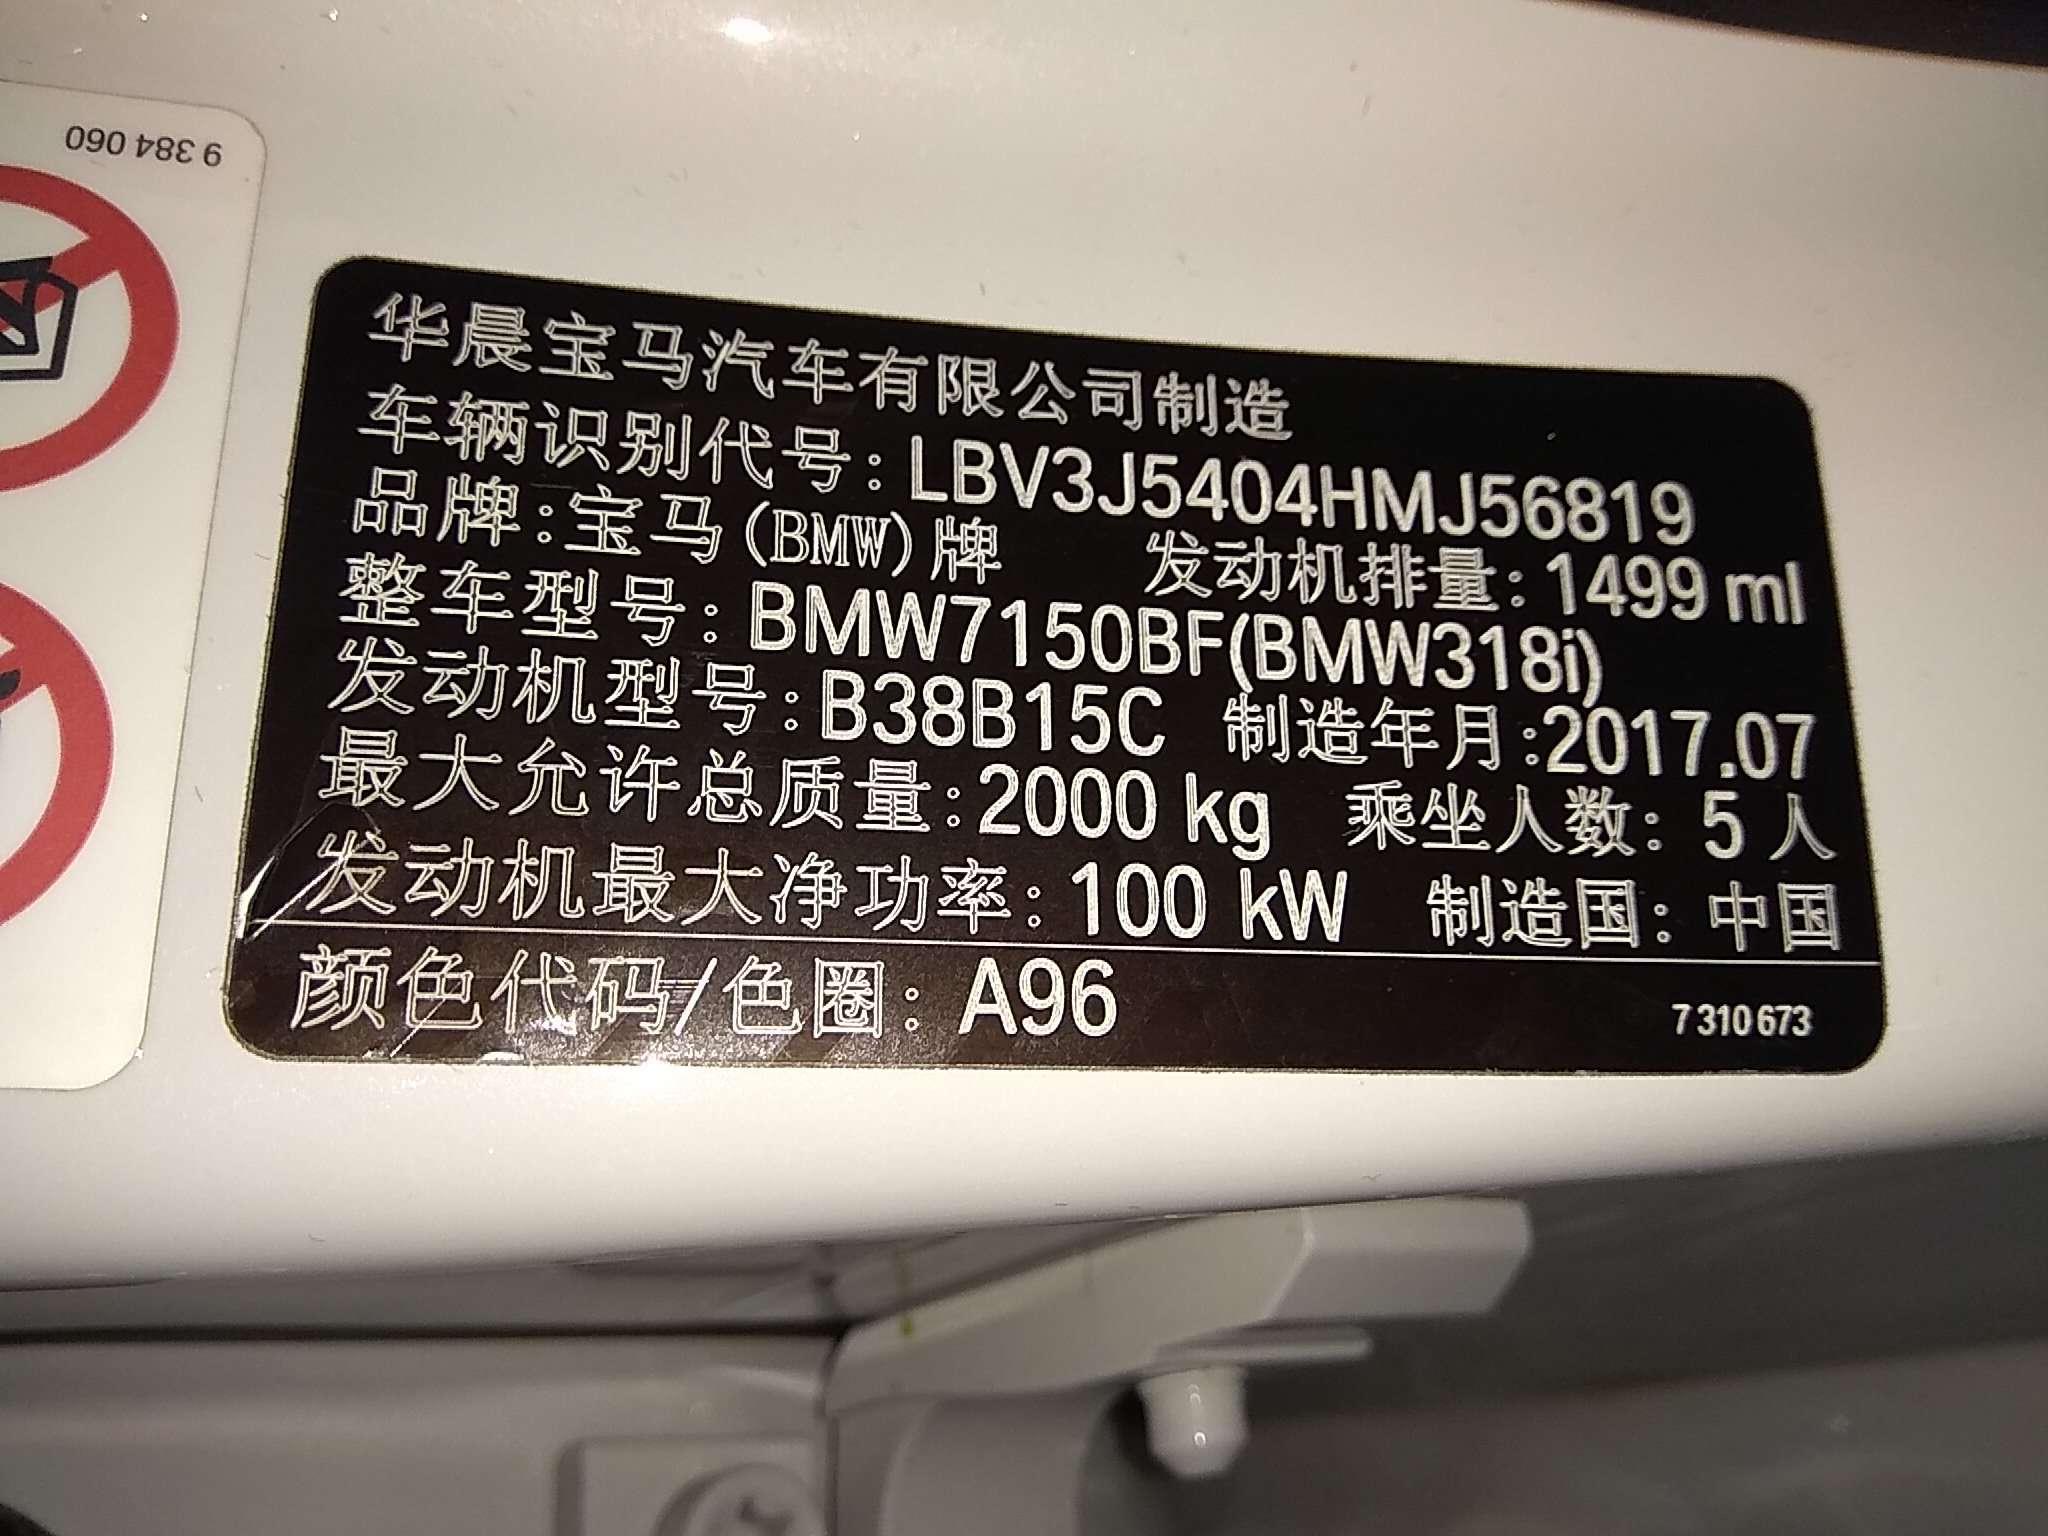 精真估提供二手车宝马 3系 2017款 1.5T 自动 318i时尚型